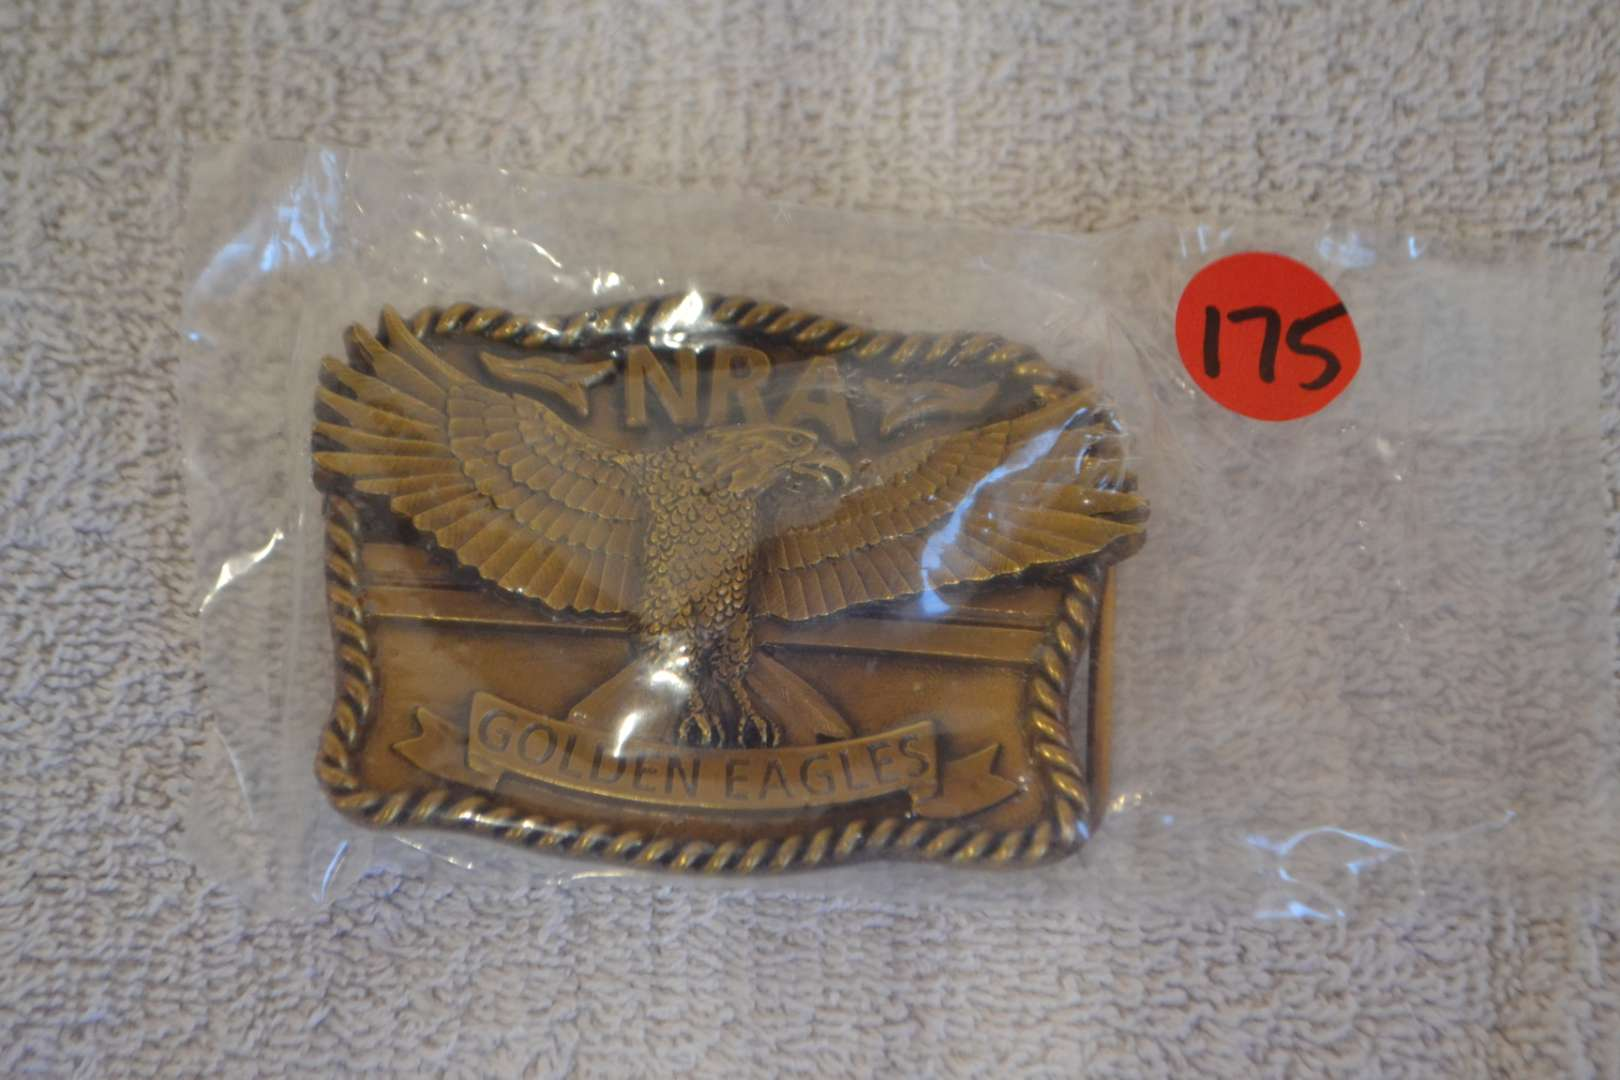 Lot # 175 NRA GOLDEN EAGLE BELT BUCKLE